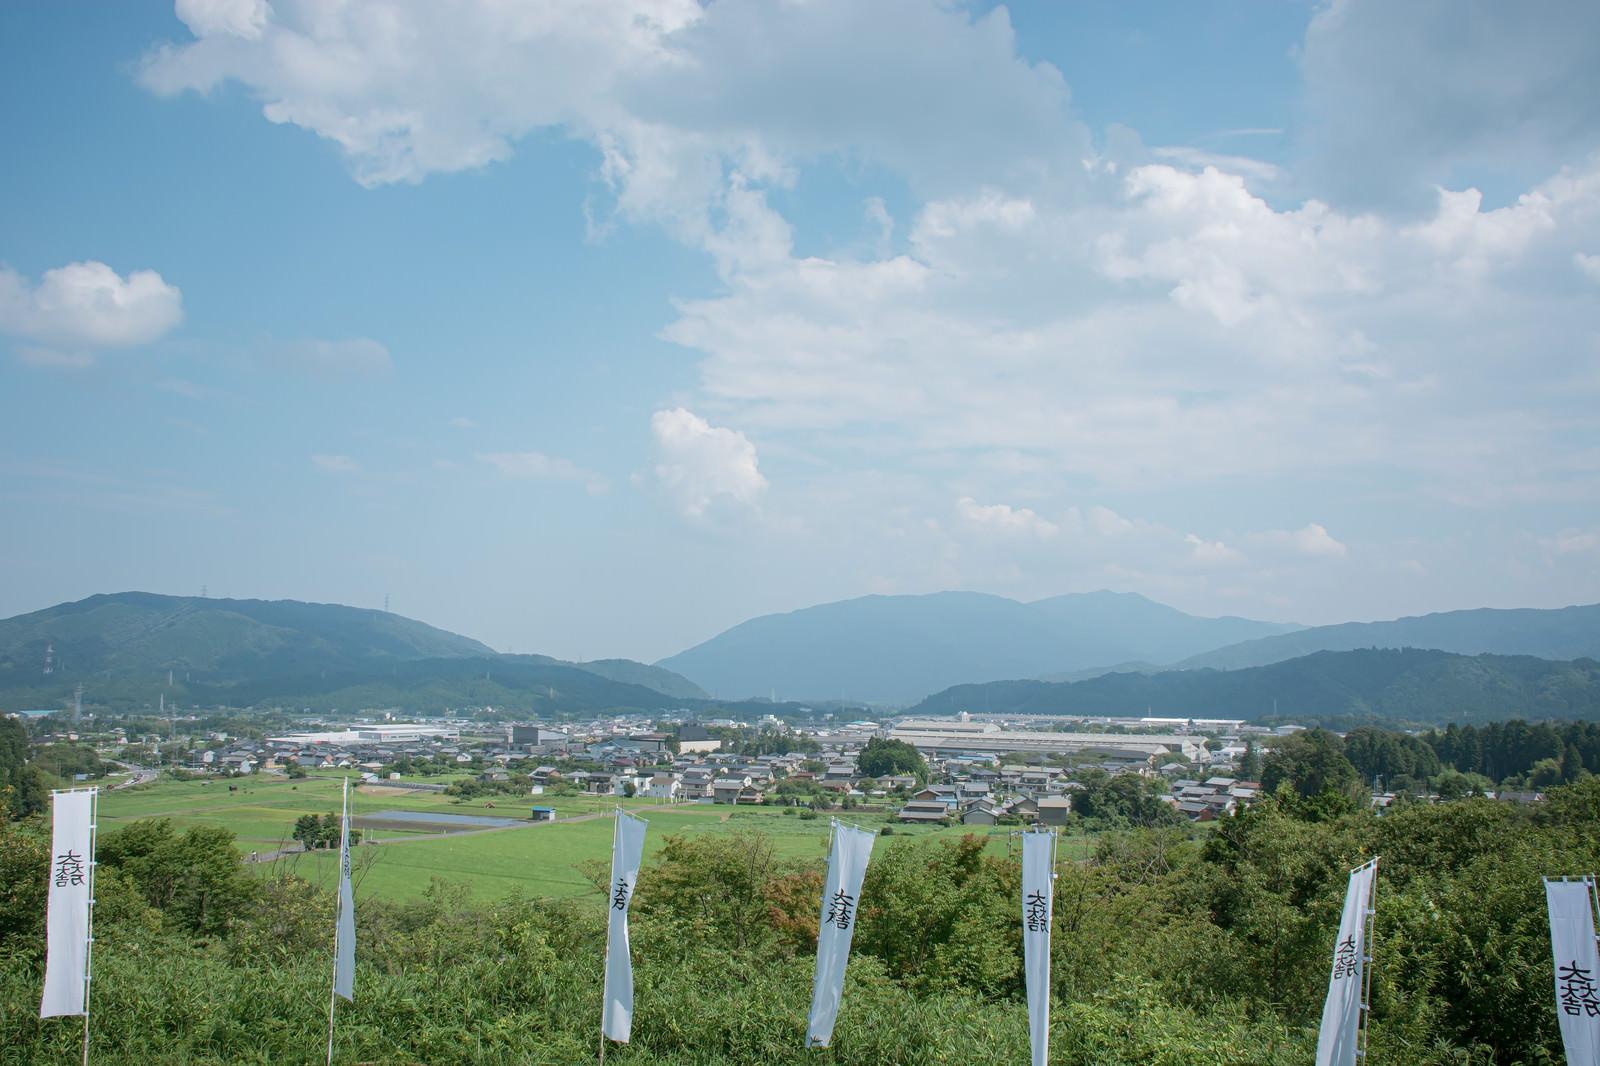 「笹尾山展望デッキから見える現在の関ケ原の様子」の写真